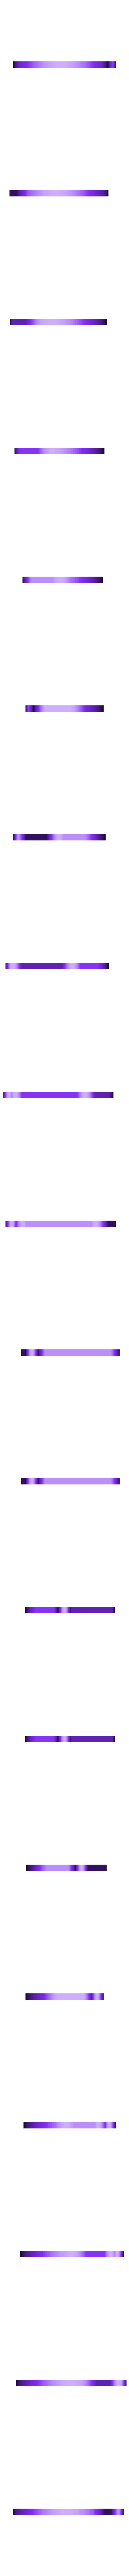 key chain Nike 2.stl Télécharger fichier STL gratuit Porte-clé • Modèle imprimable en 3D, Modellismo